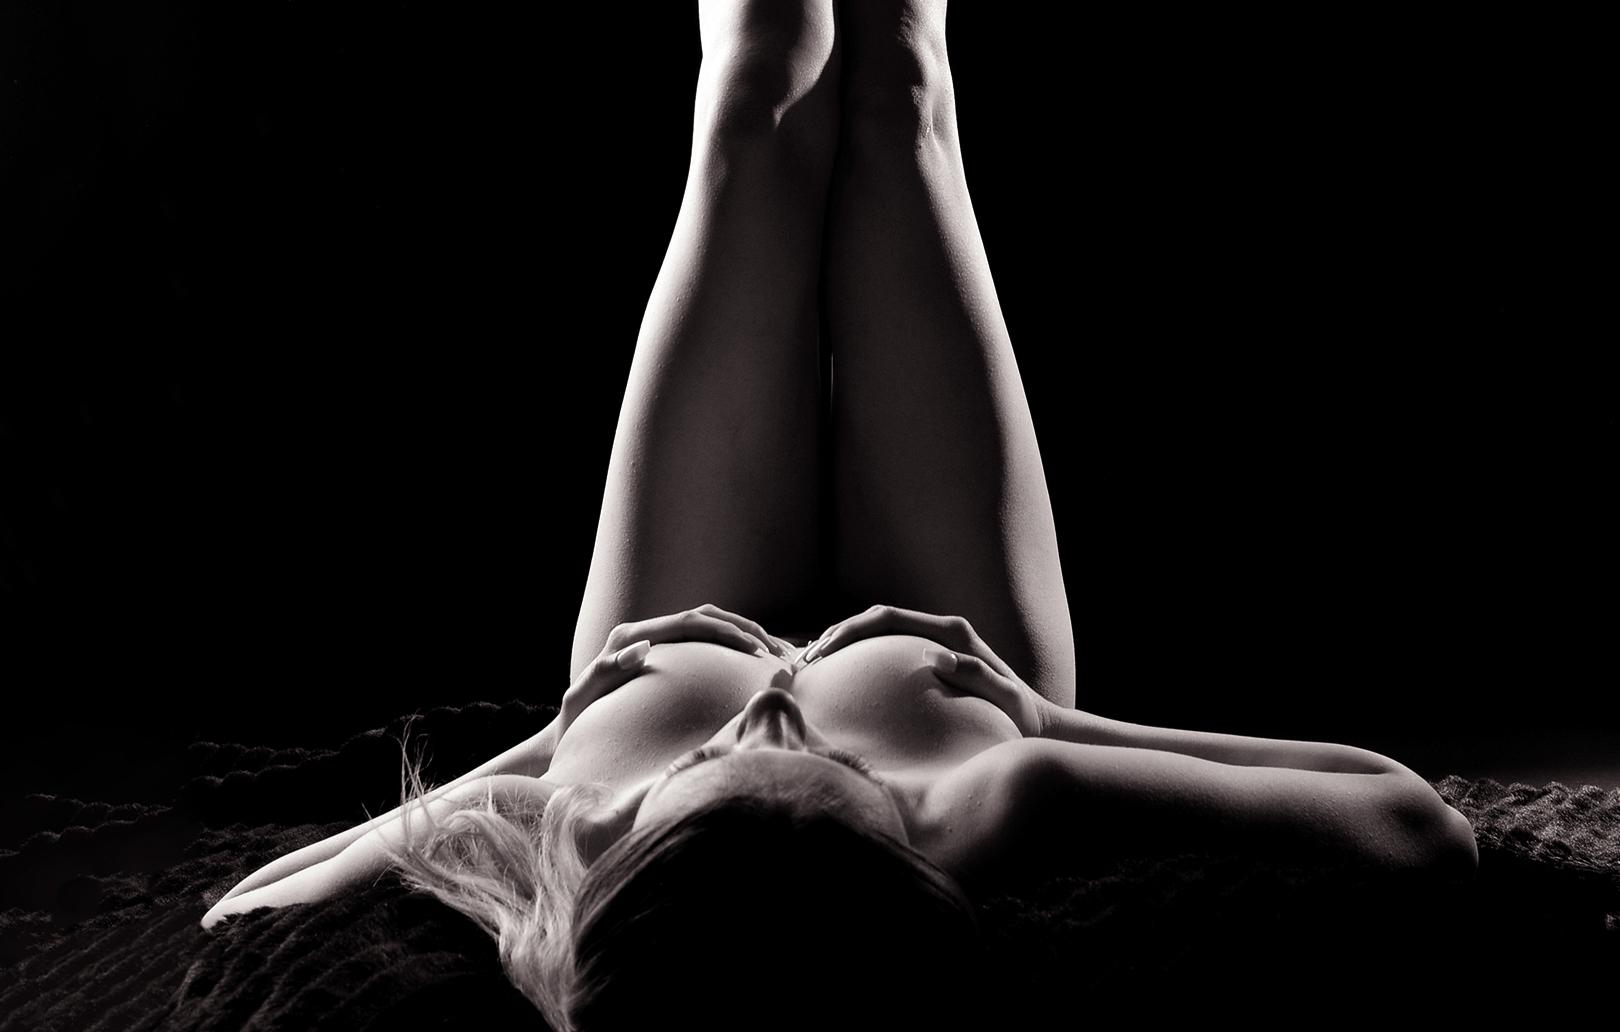 erotisches-fotoshooting-sulzbach-bg41610460978